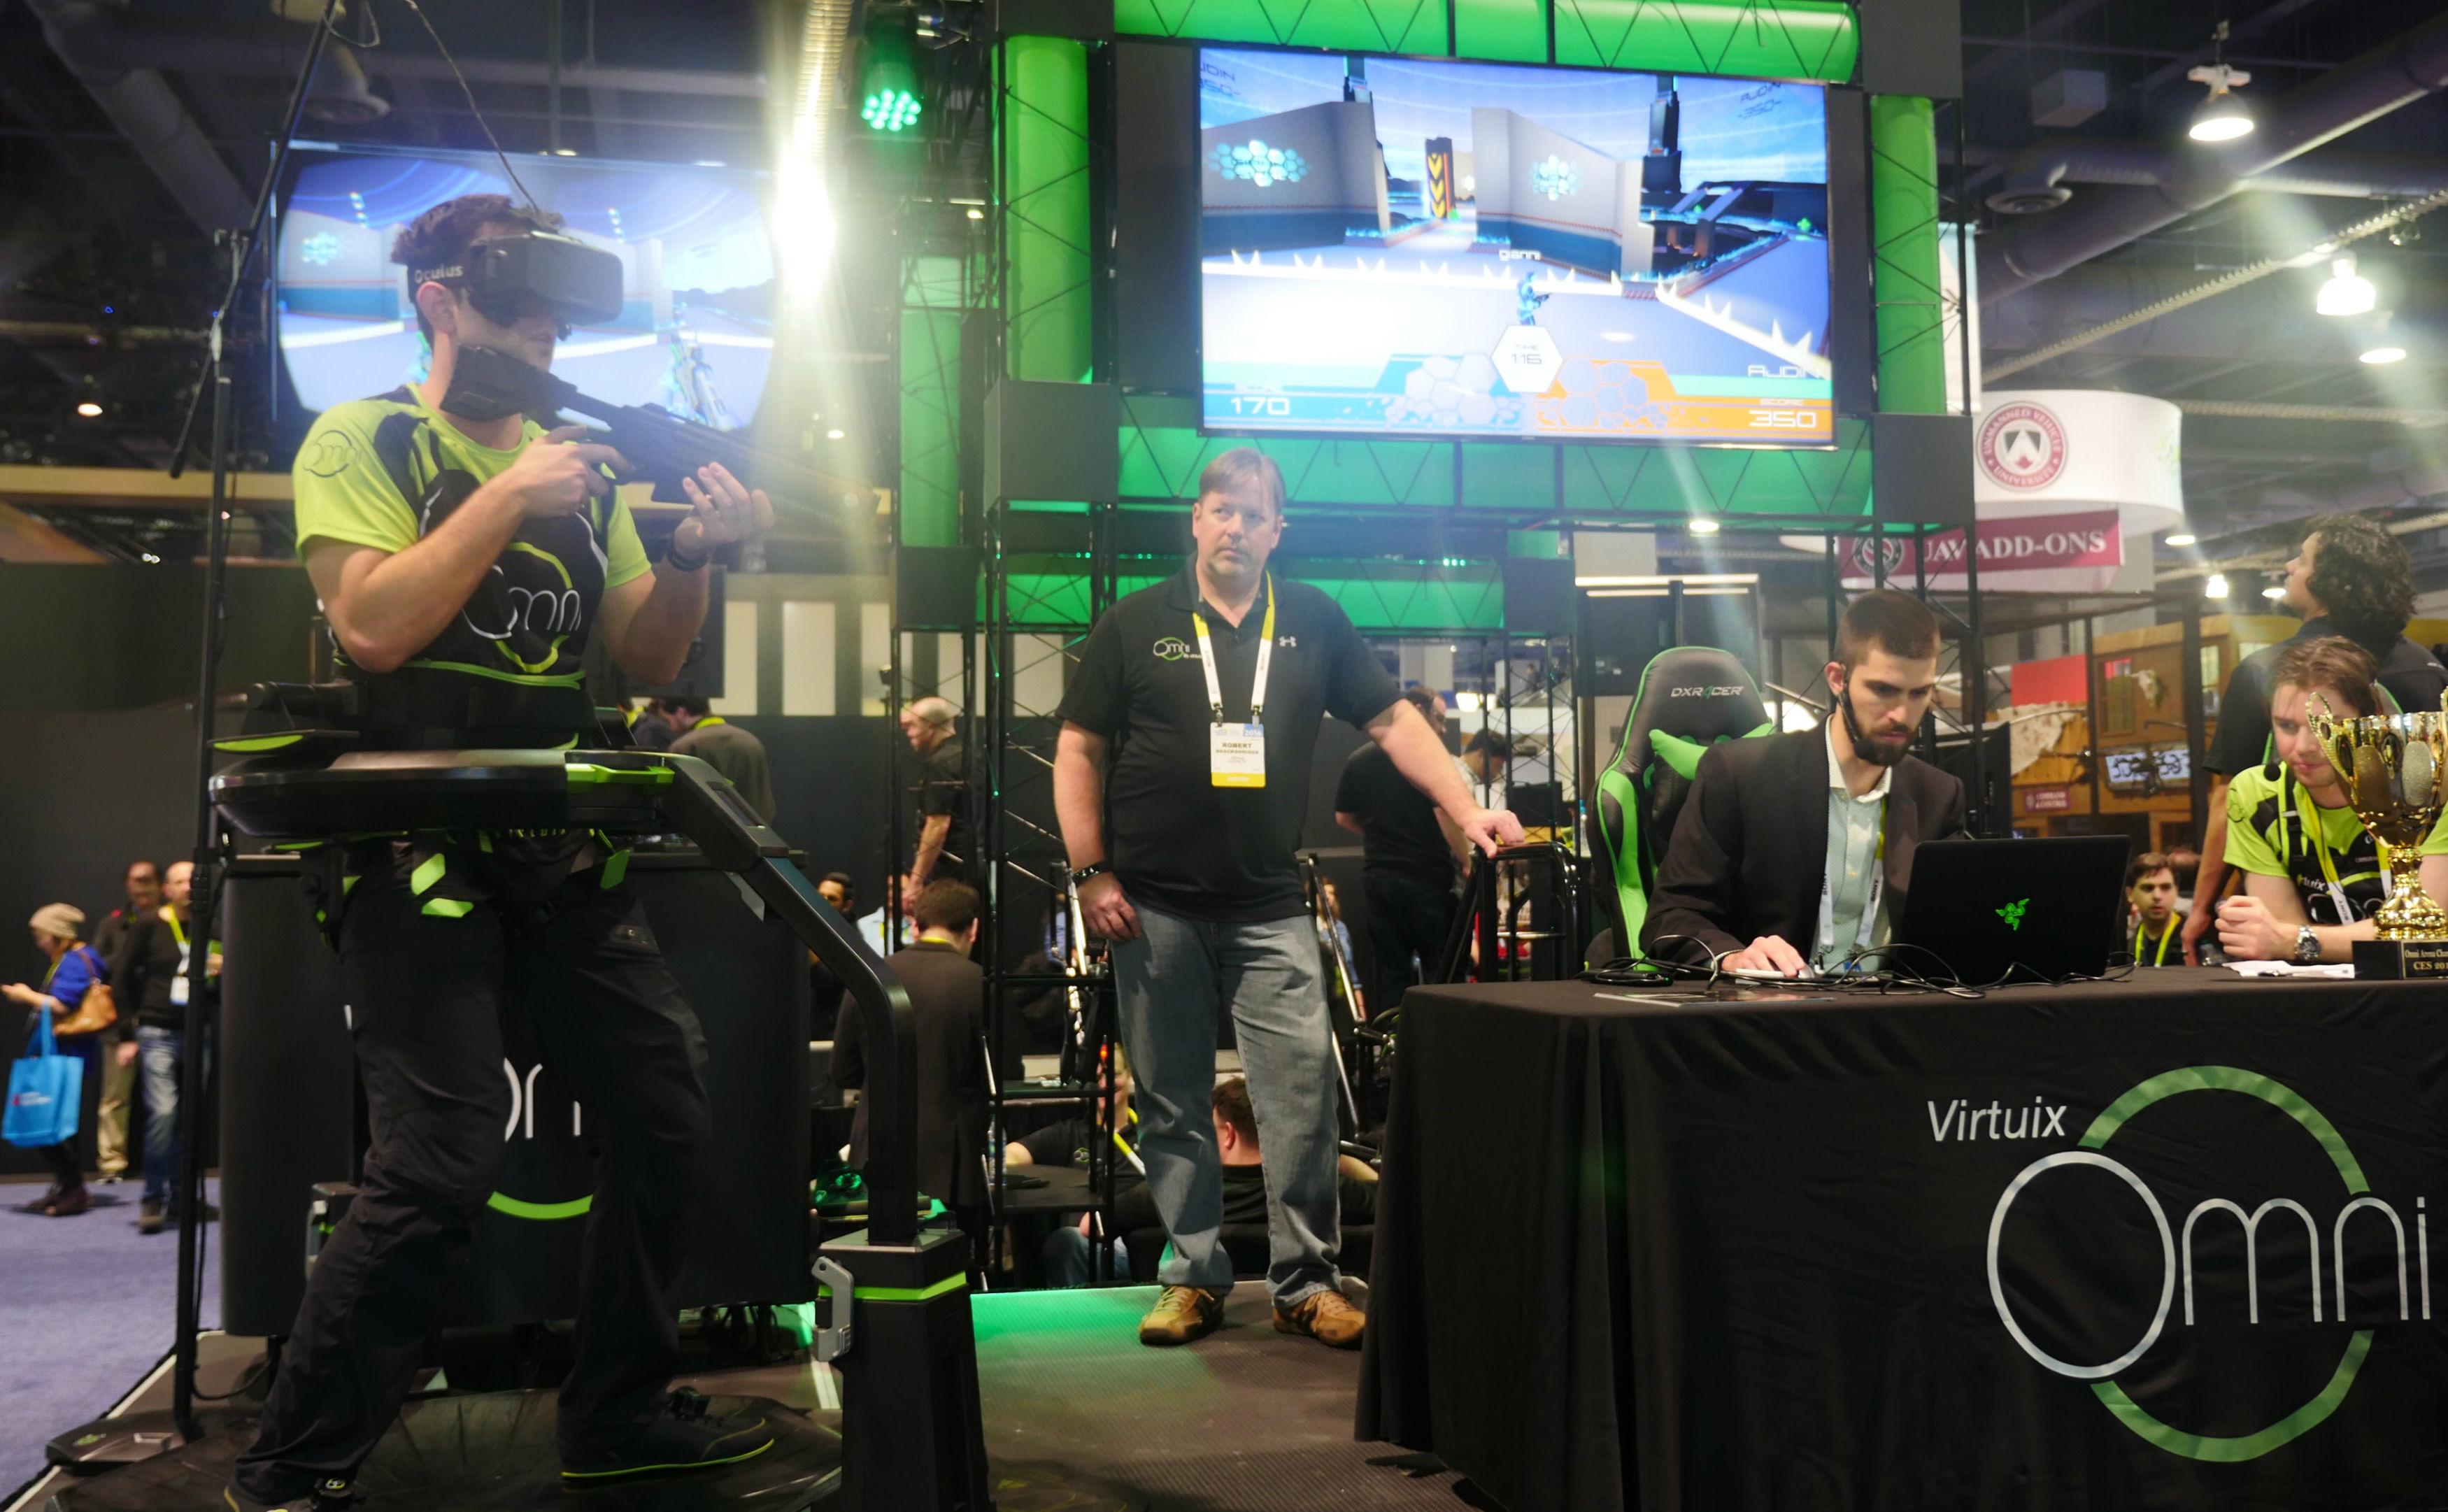 视频 | 我体验了最酷的 VR 设备,但差点把腰扭了